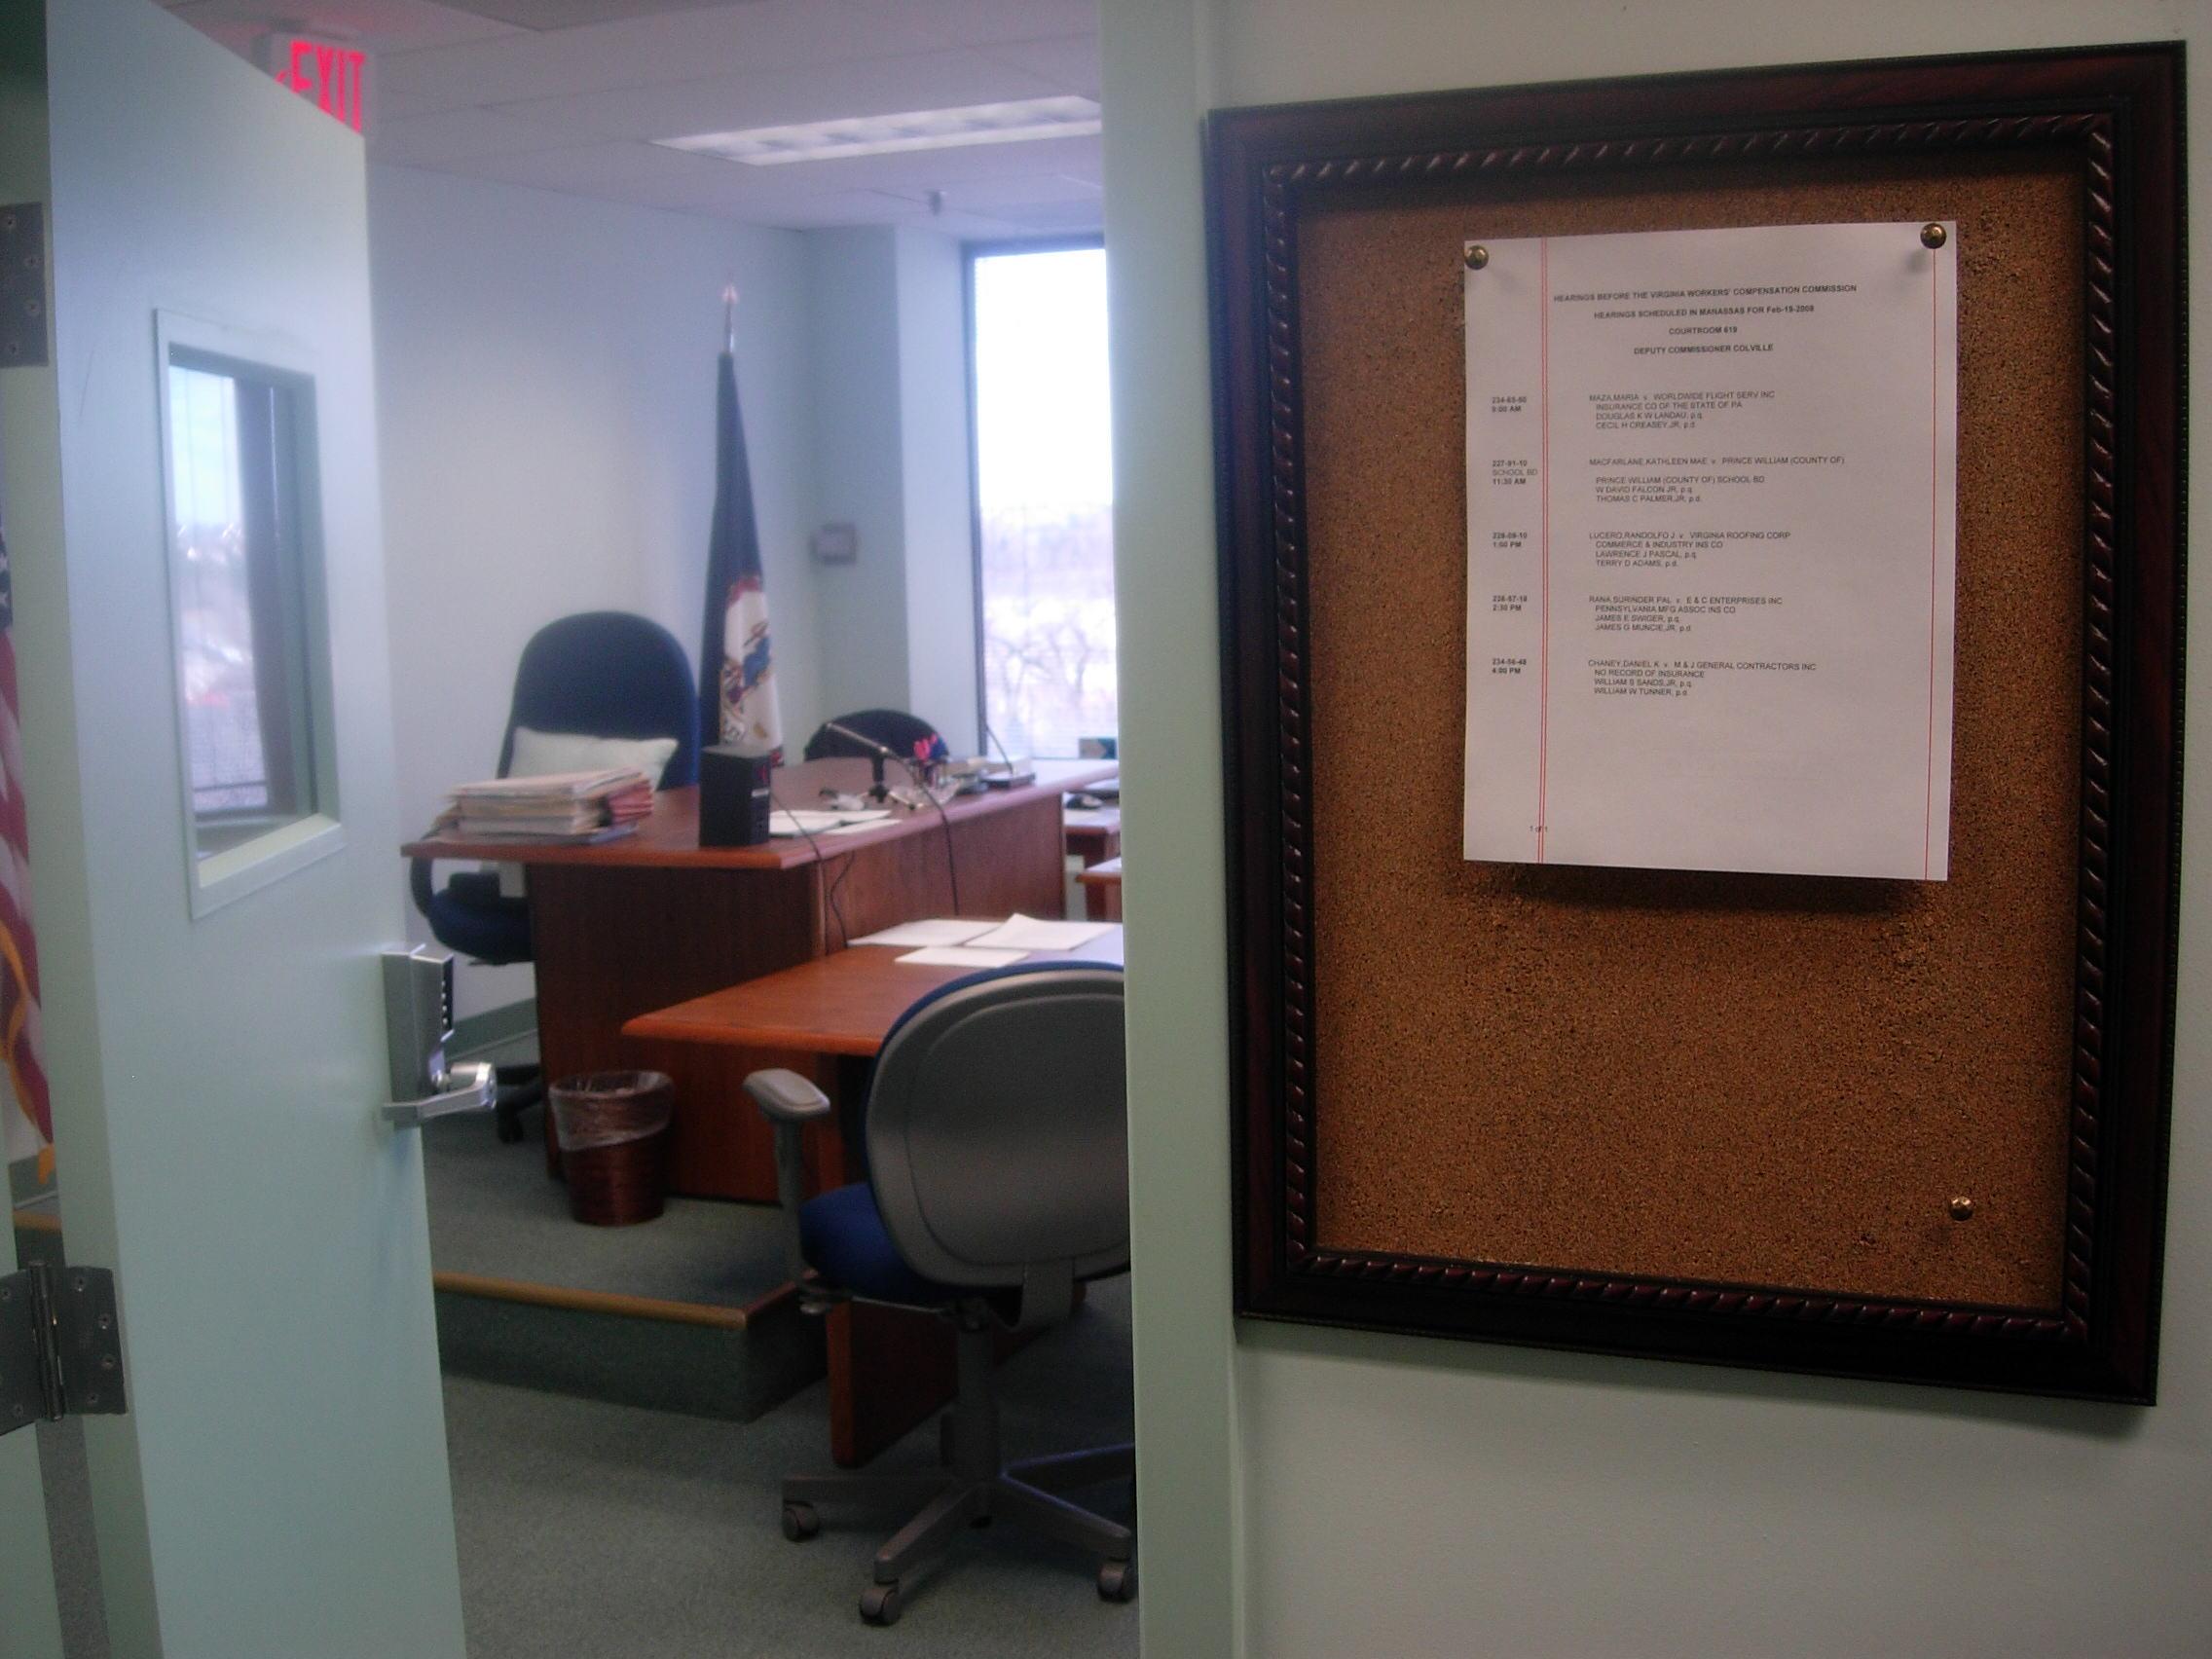 VWC Hearing Room Manassas Abrams Landau case.JPG